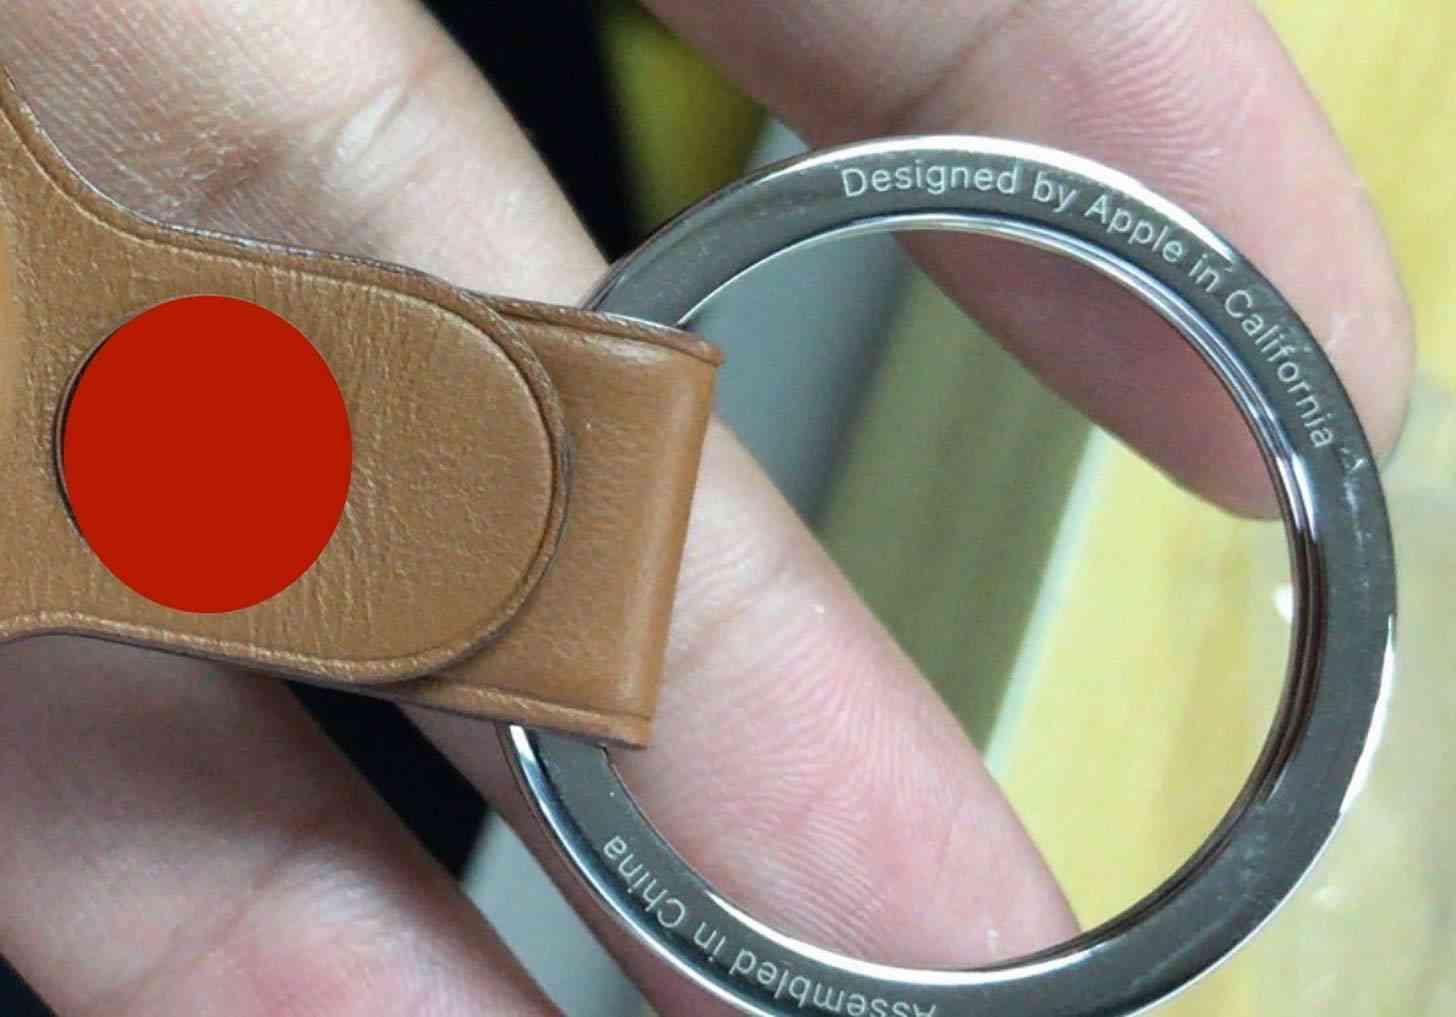 Apple AirTags keychain accessory